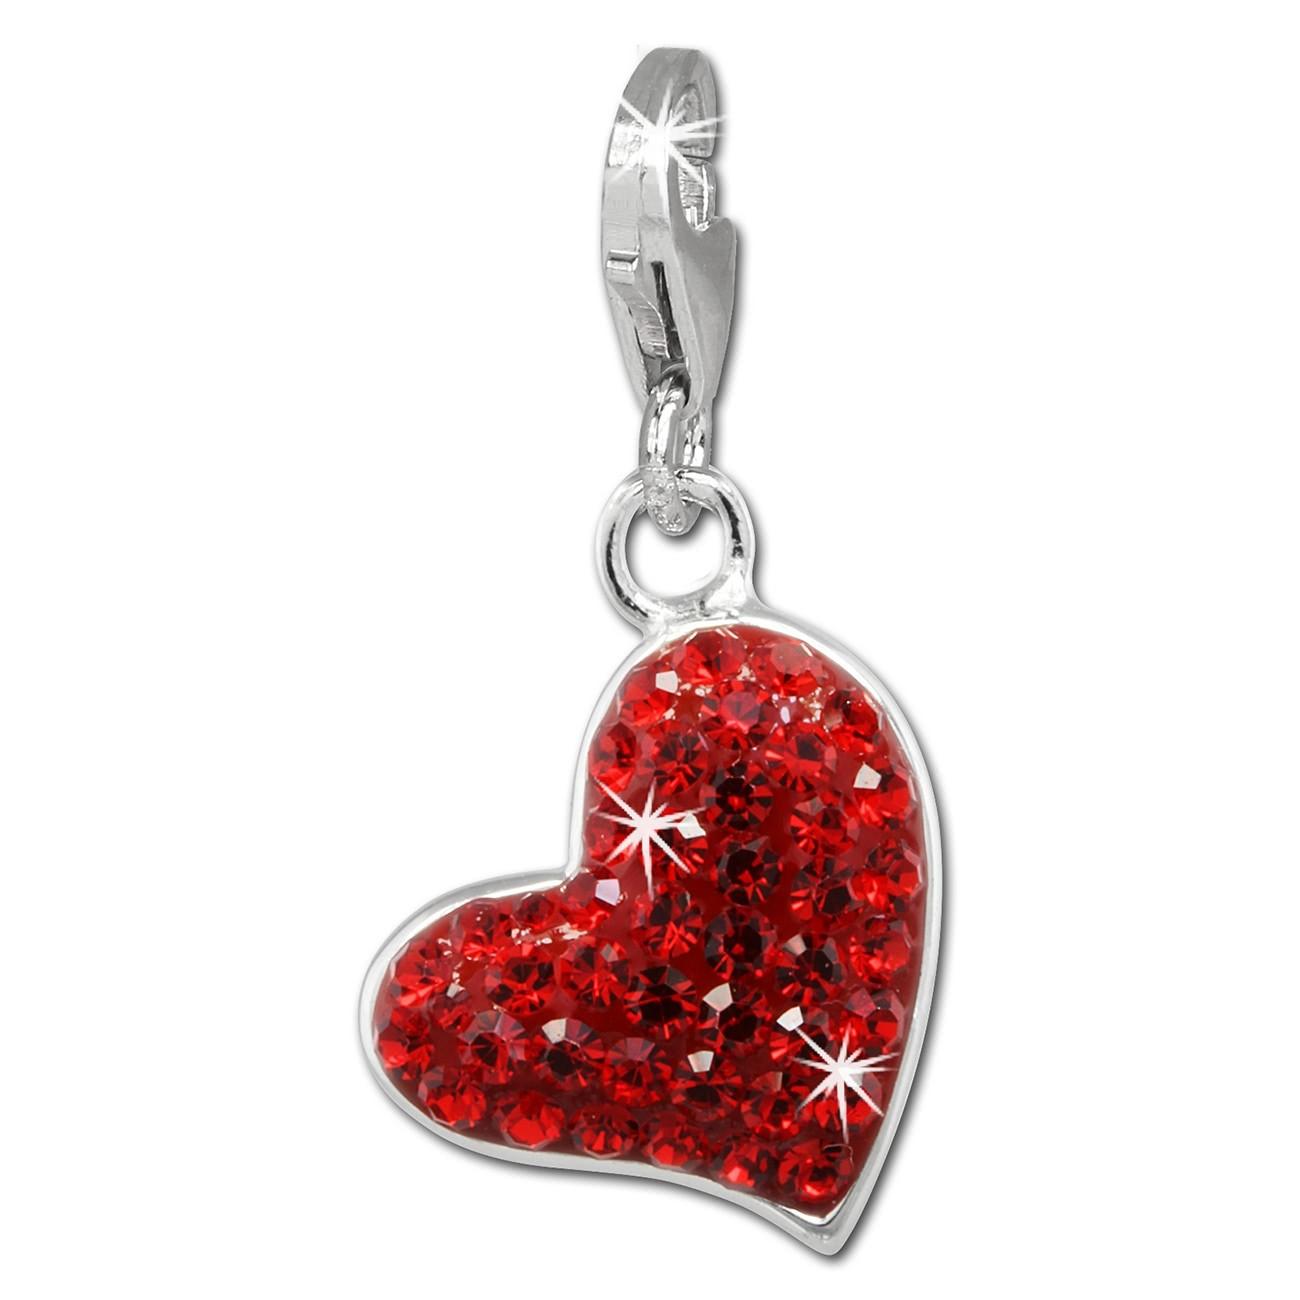 SilberDream Glitzer Charm Herz rot Zirkonia Kristalle GSC543R